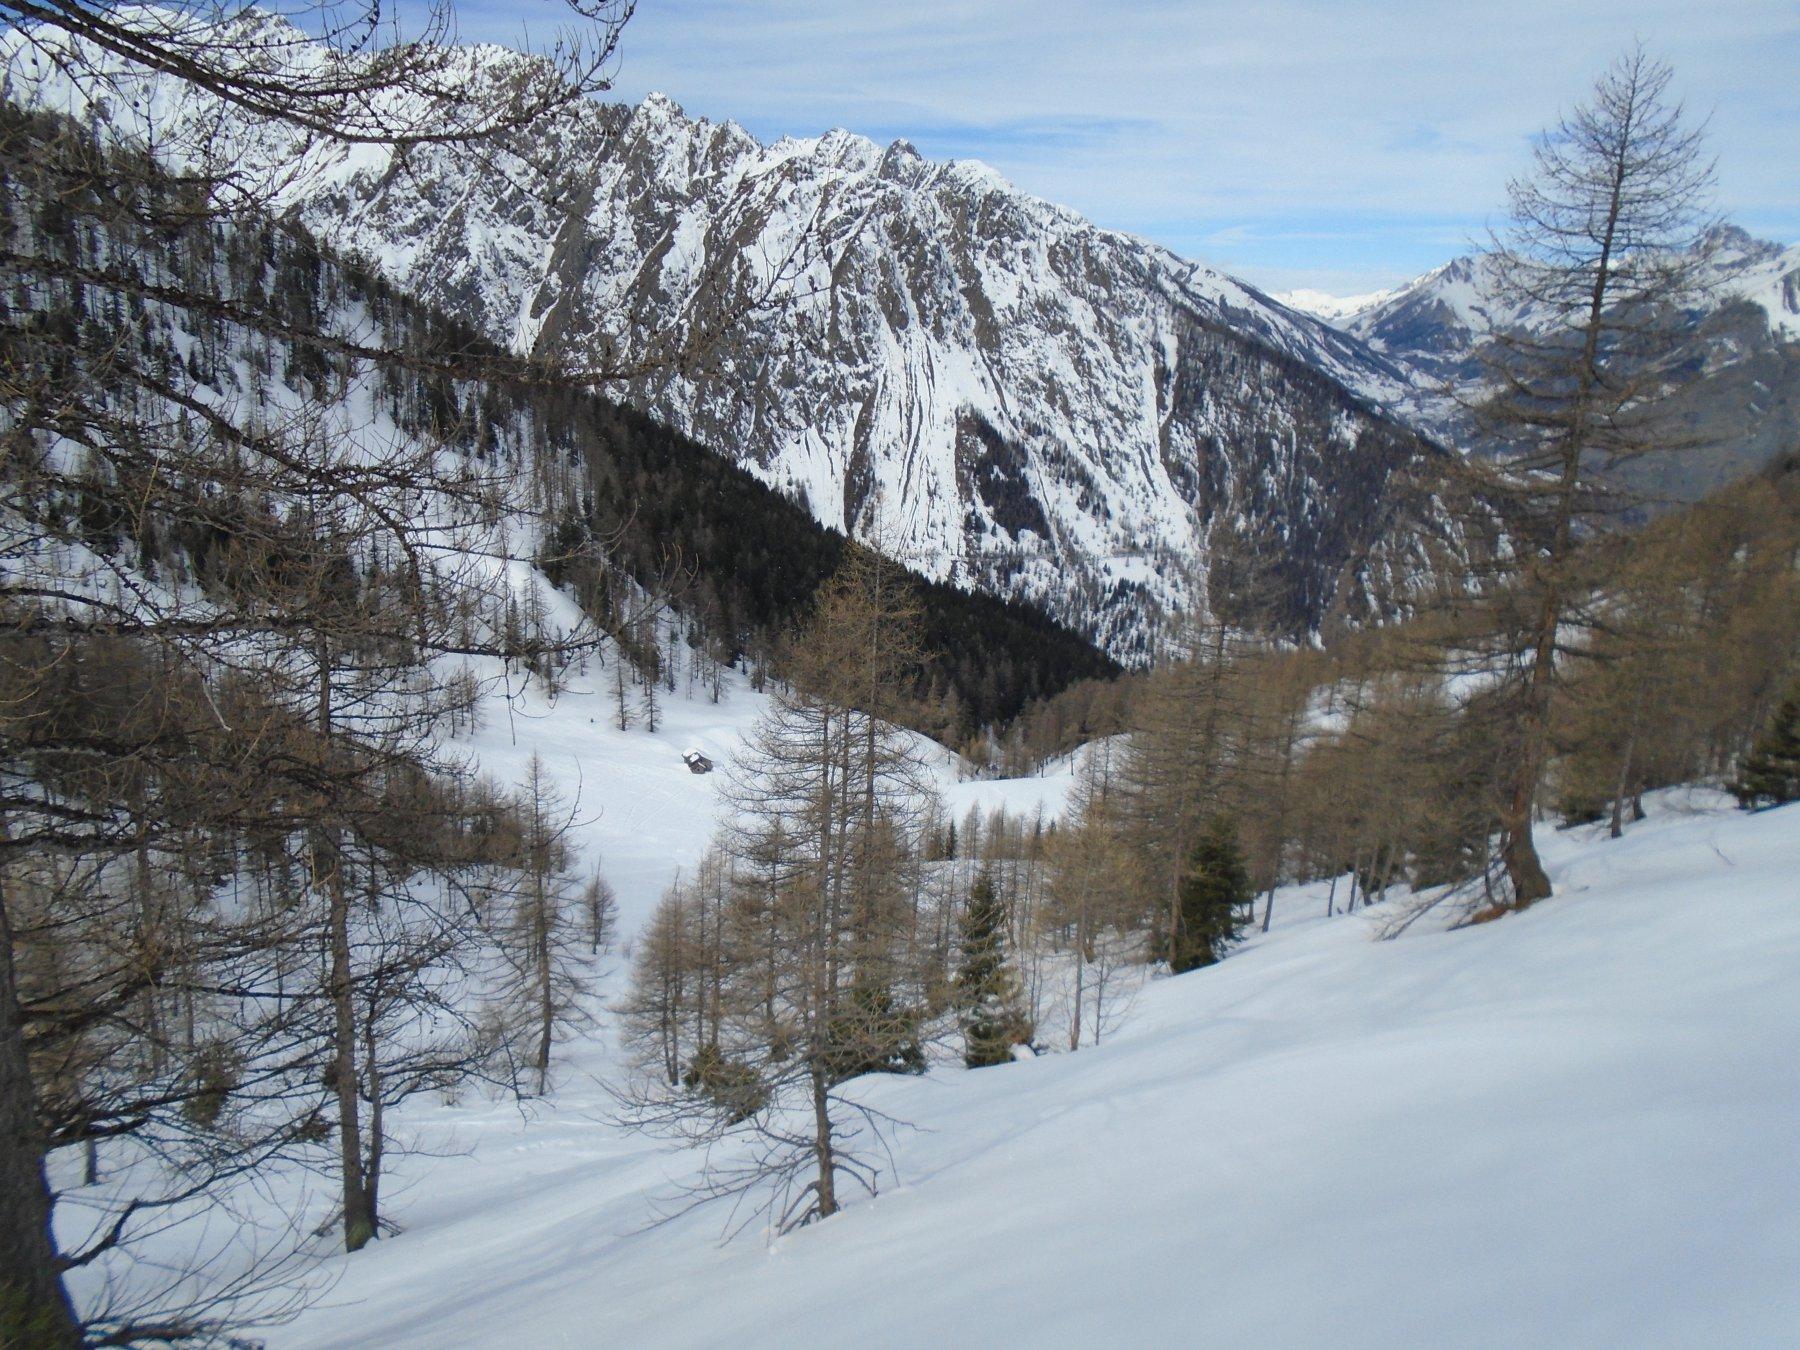 Ancora i bei pendii ripidi con tanta neve verso il Costis